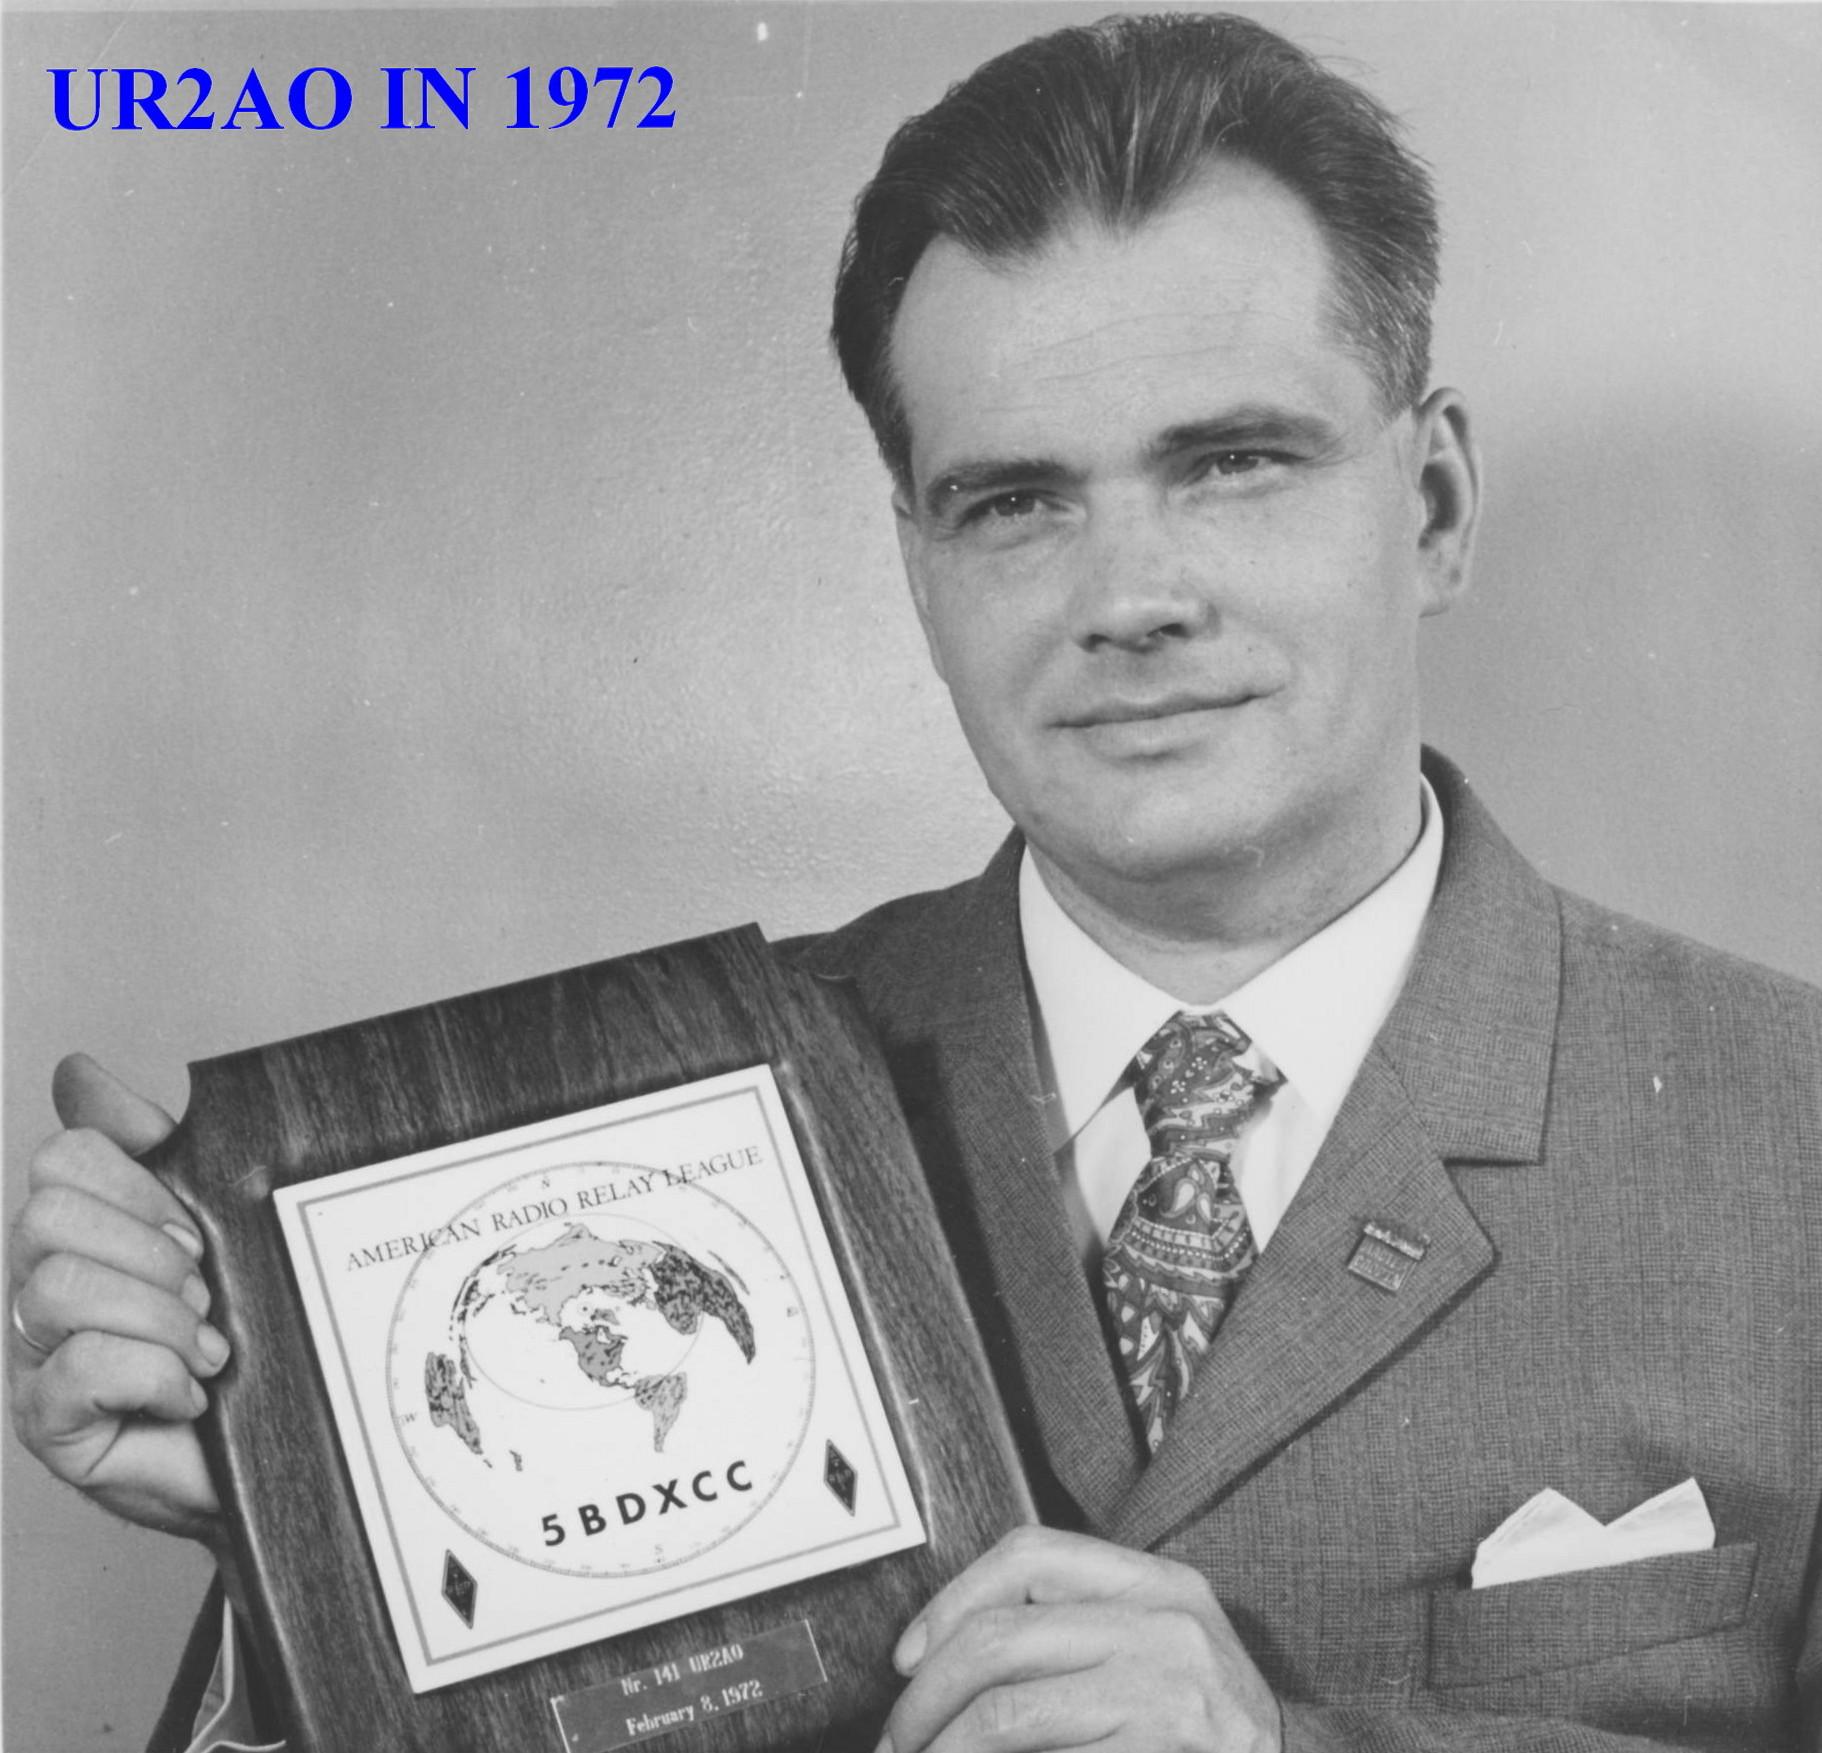 Нажмите на изображение для увеличения.  Название:UR2AO'72+.jpg Просмотров:3 Размер:478.7 Кб ID:194329